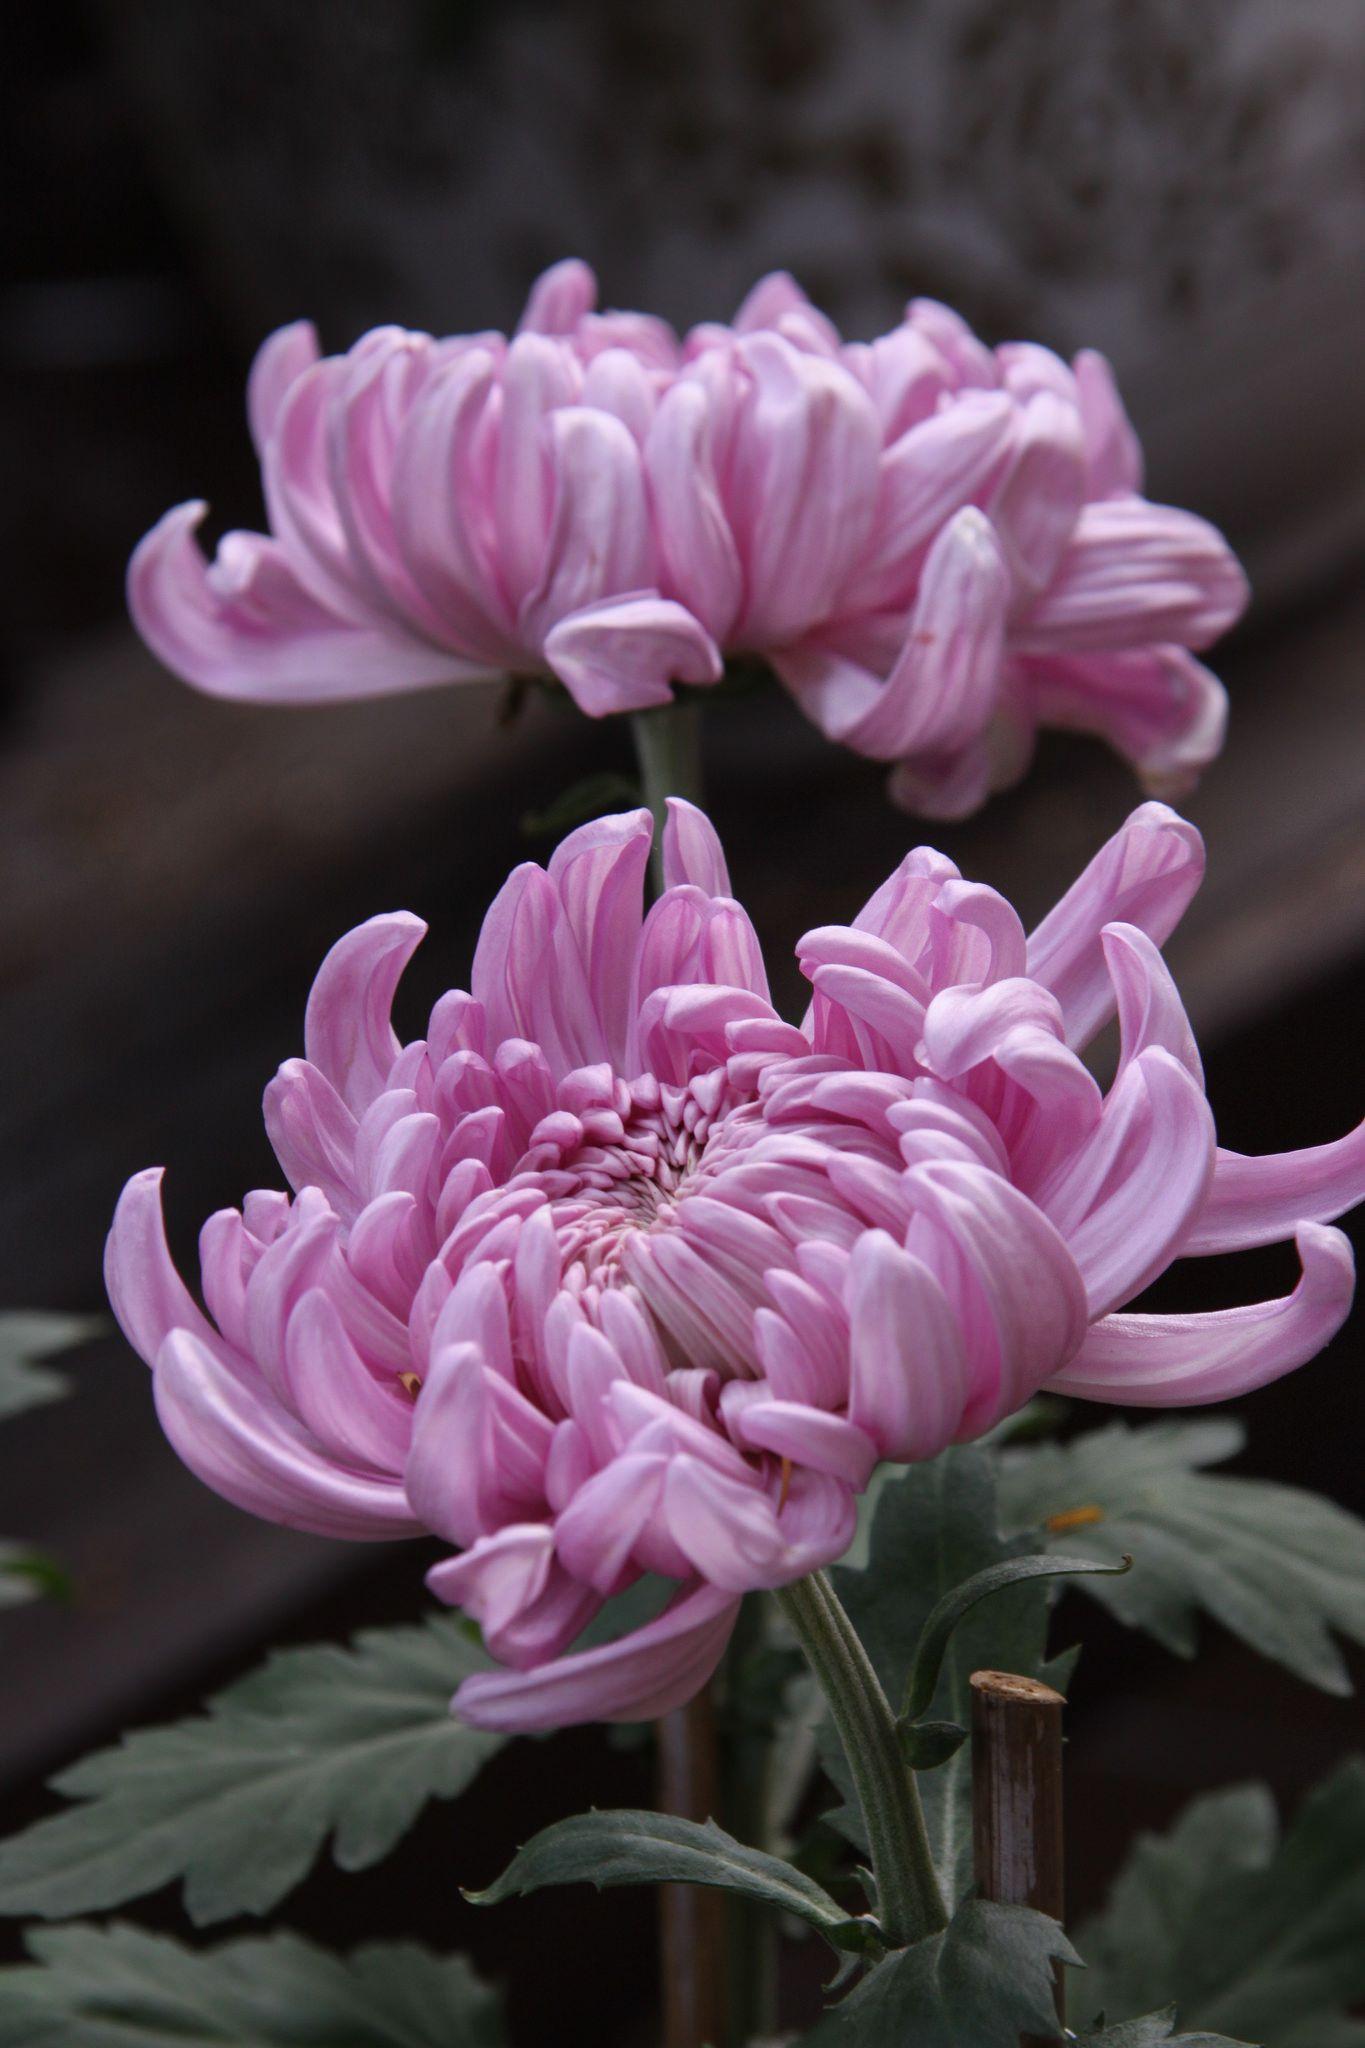 IMG_8611 Flowers nature, Chrysanthemum, Beautiful flowers